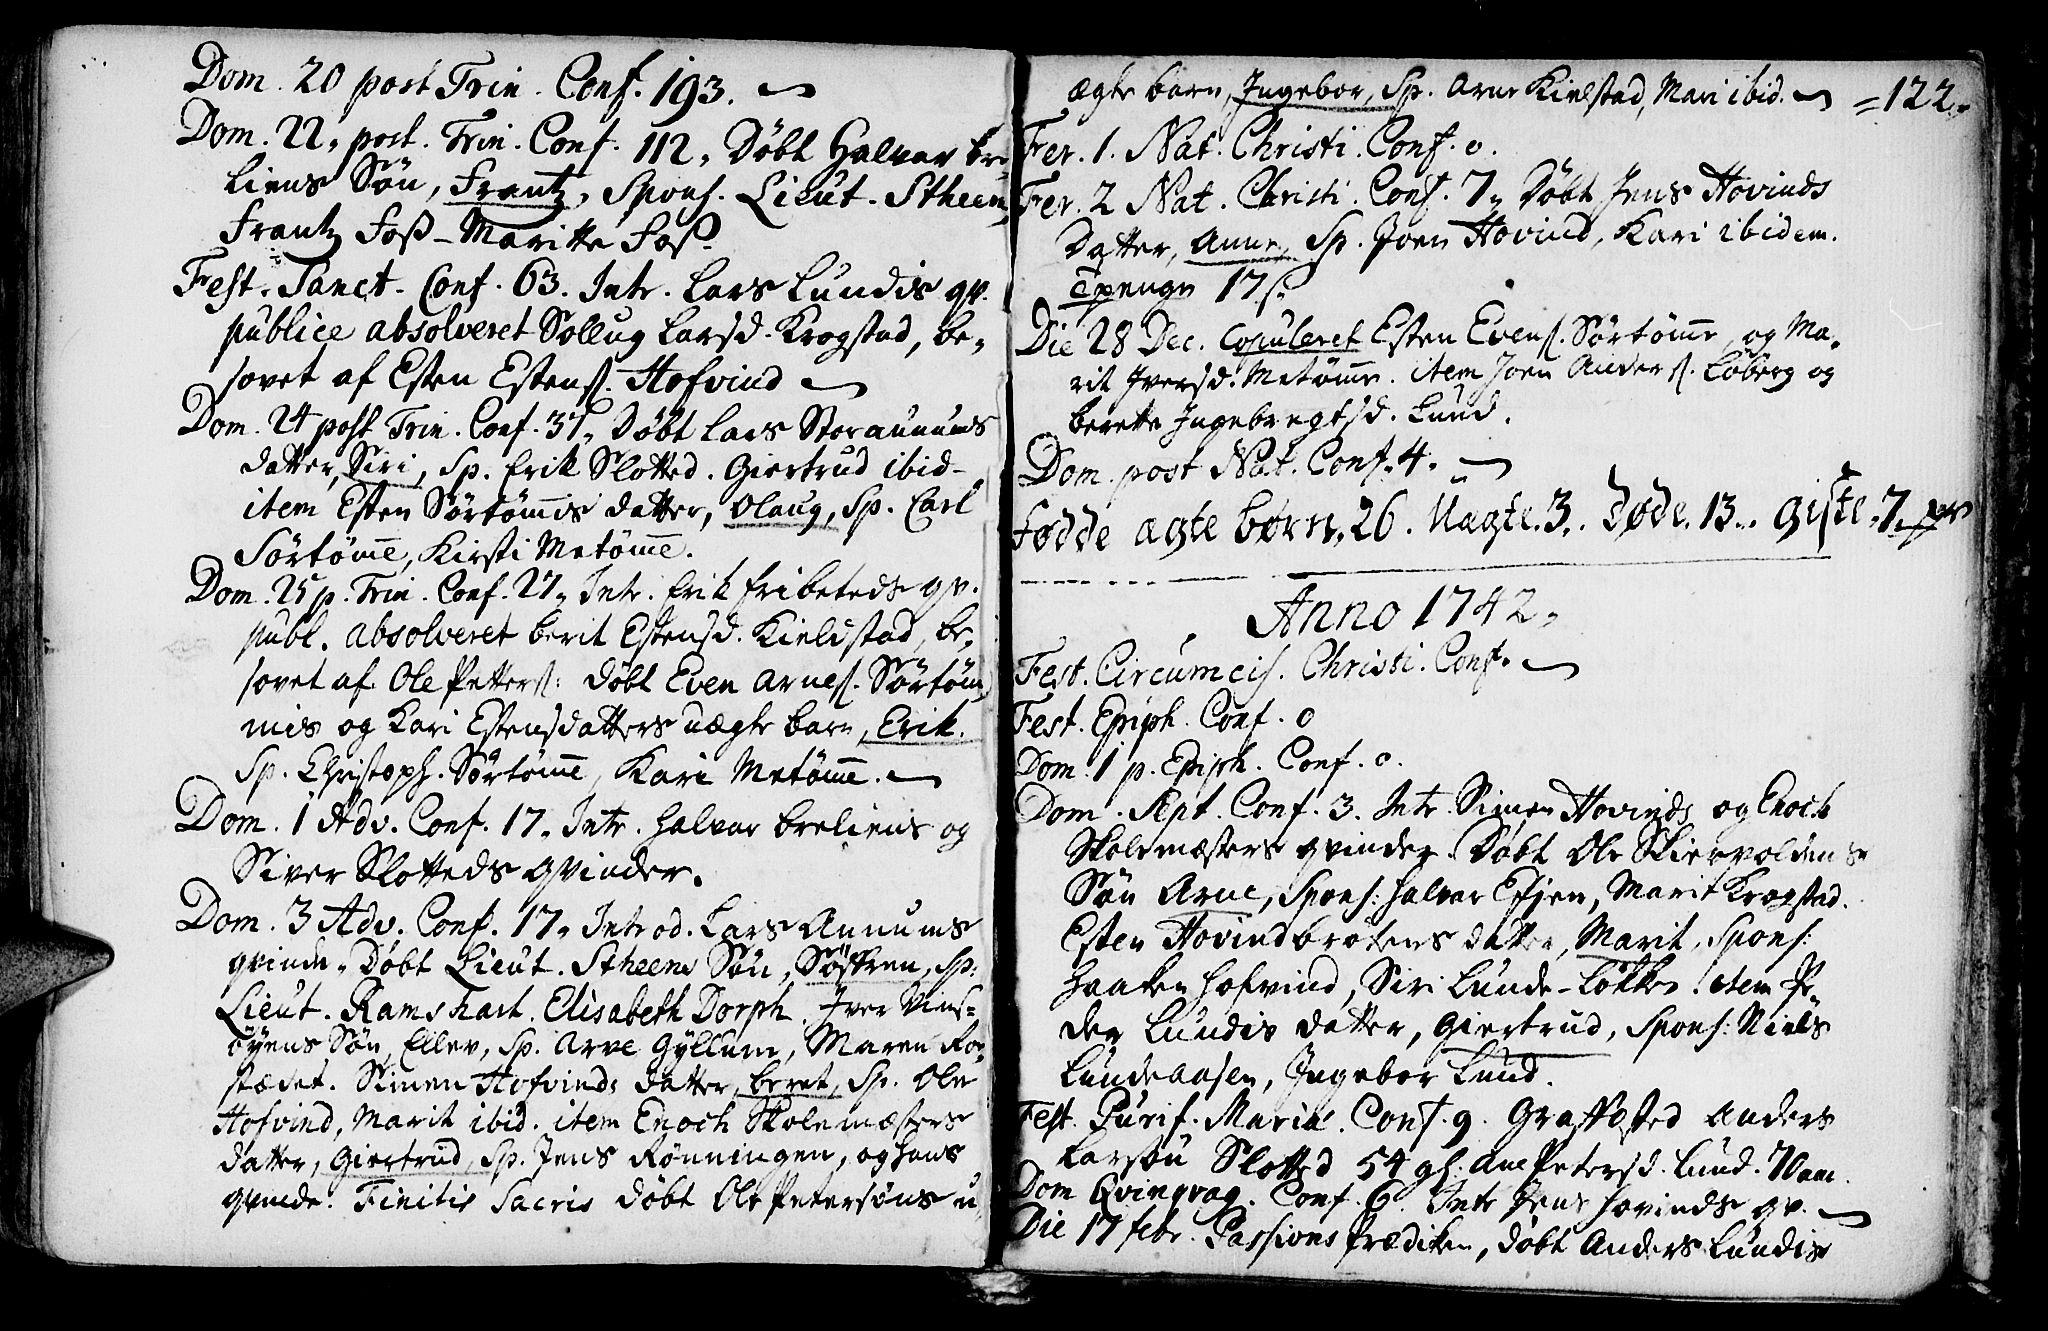 SAT, Ministerialprotokoller, klokkerbøker og fødselsregistre - Sør-Trøndelag, 692/L1101: Ministerialbok nr. 692A01, 1690-1746, s. 122